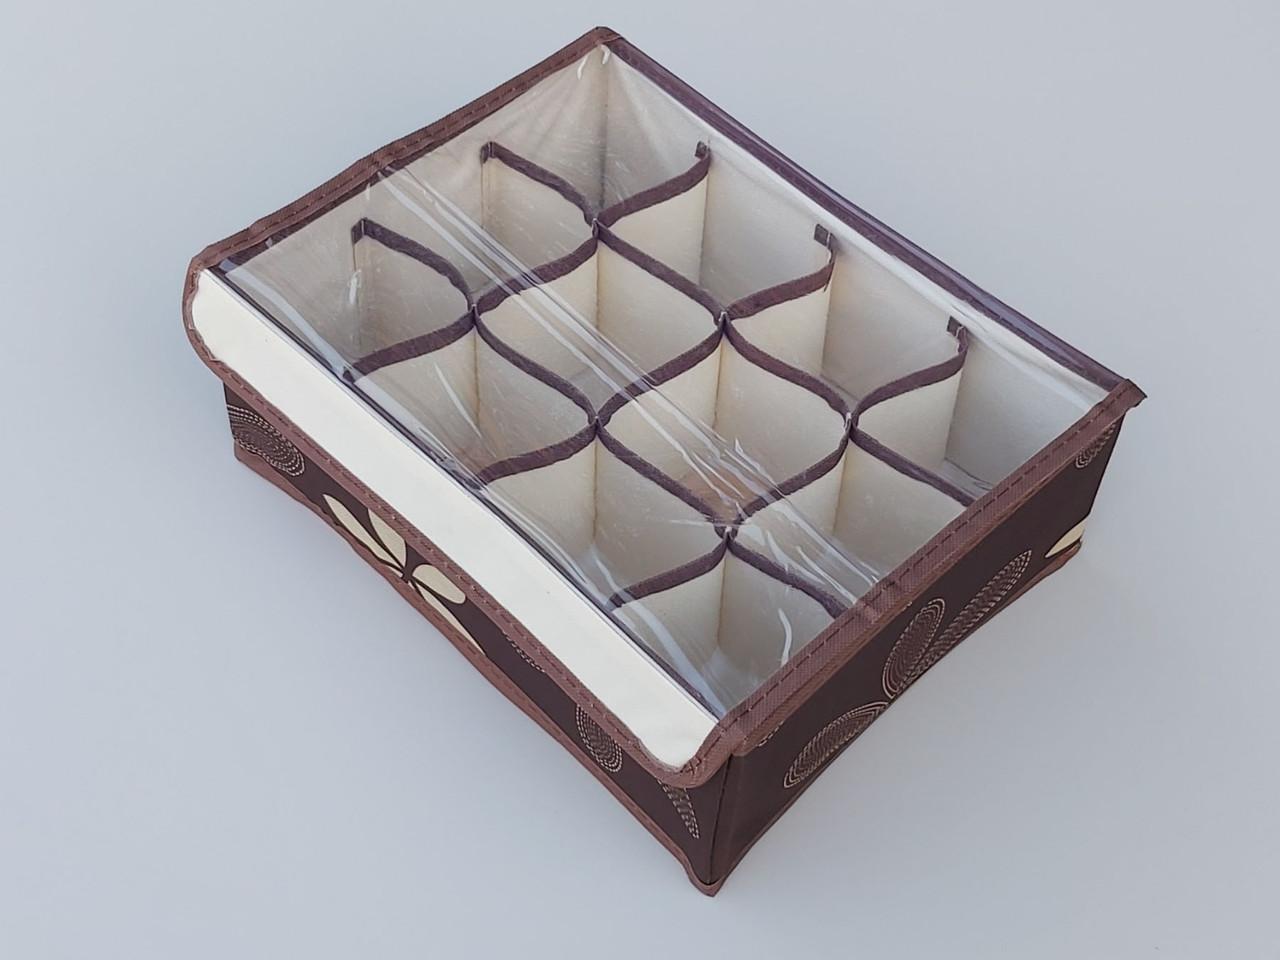 Органайзер з кришкою на 12 відділень для зберігання білизни і дрібних предметів одягу. Колір коричневий